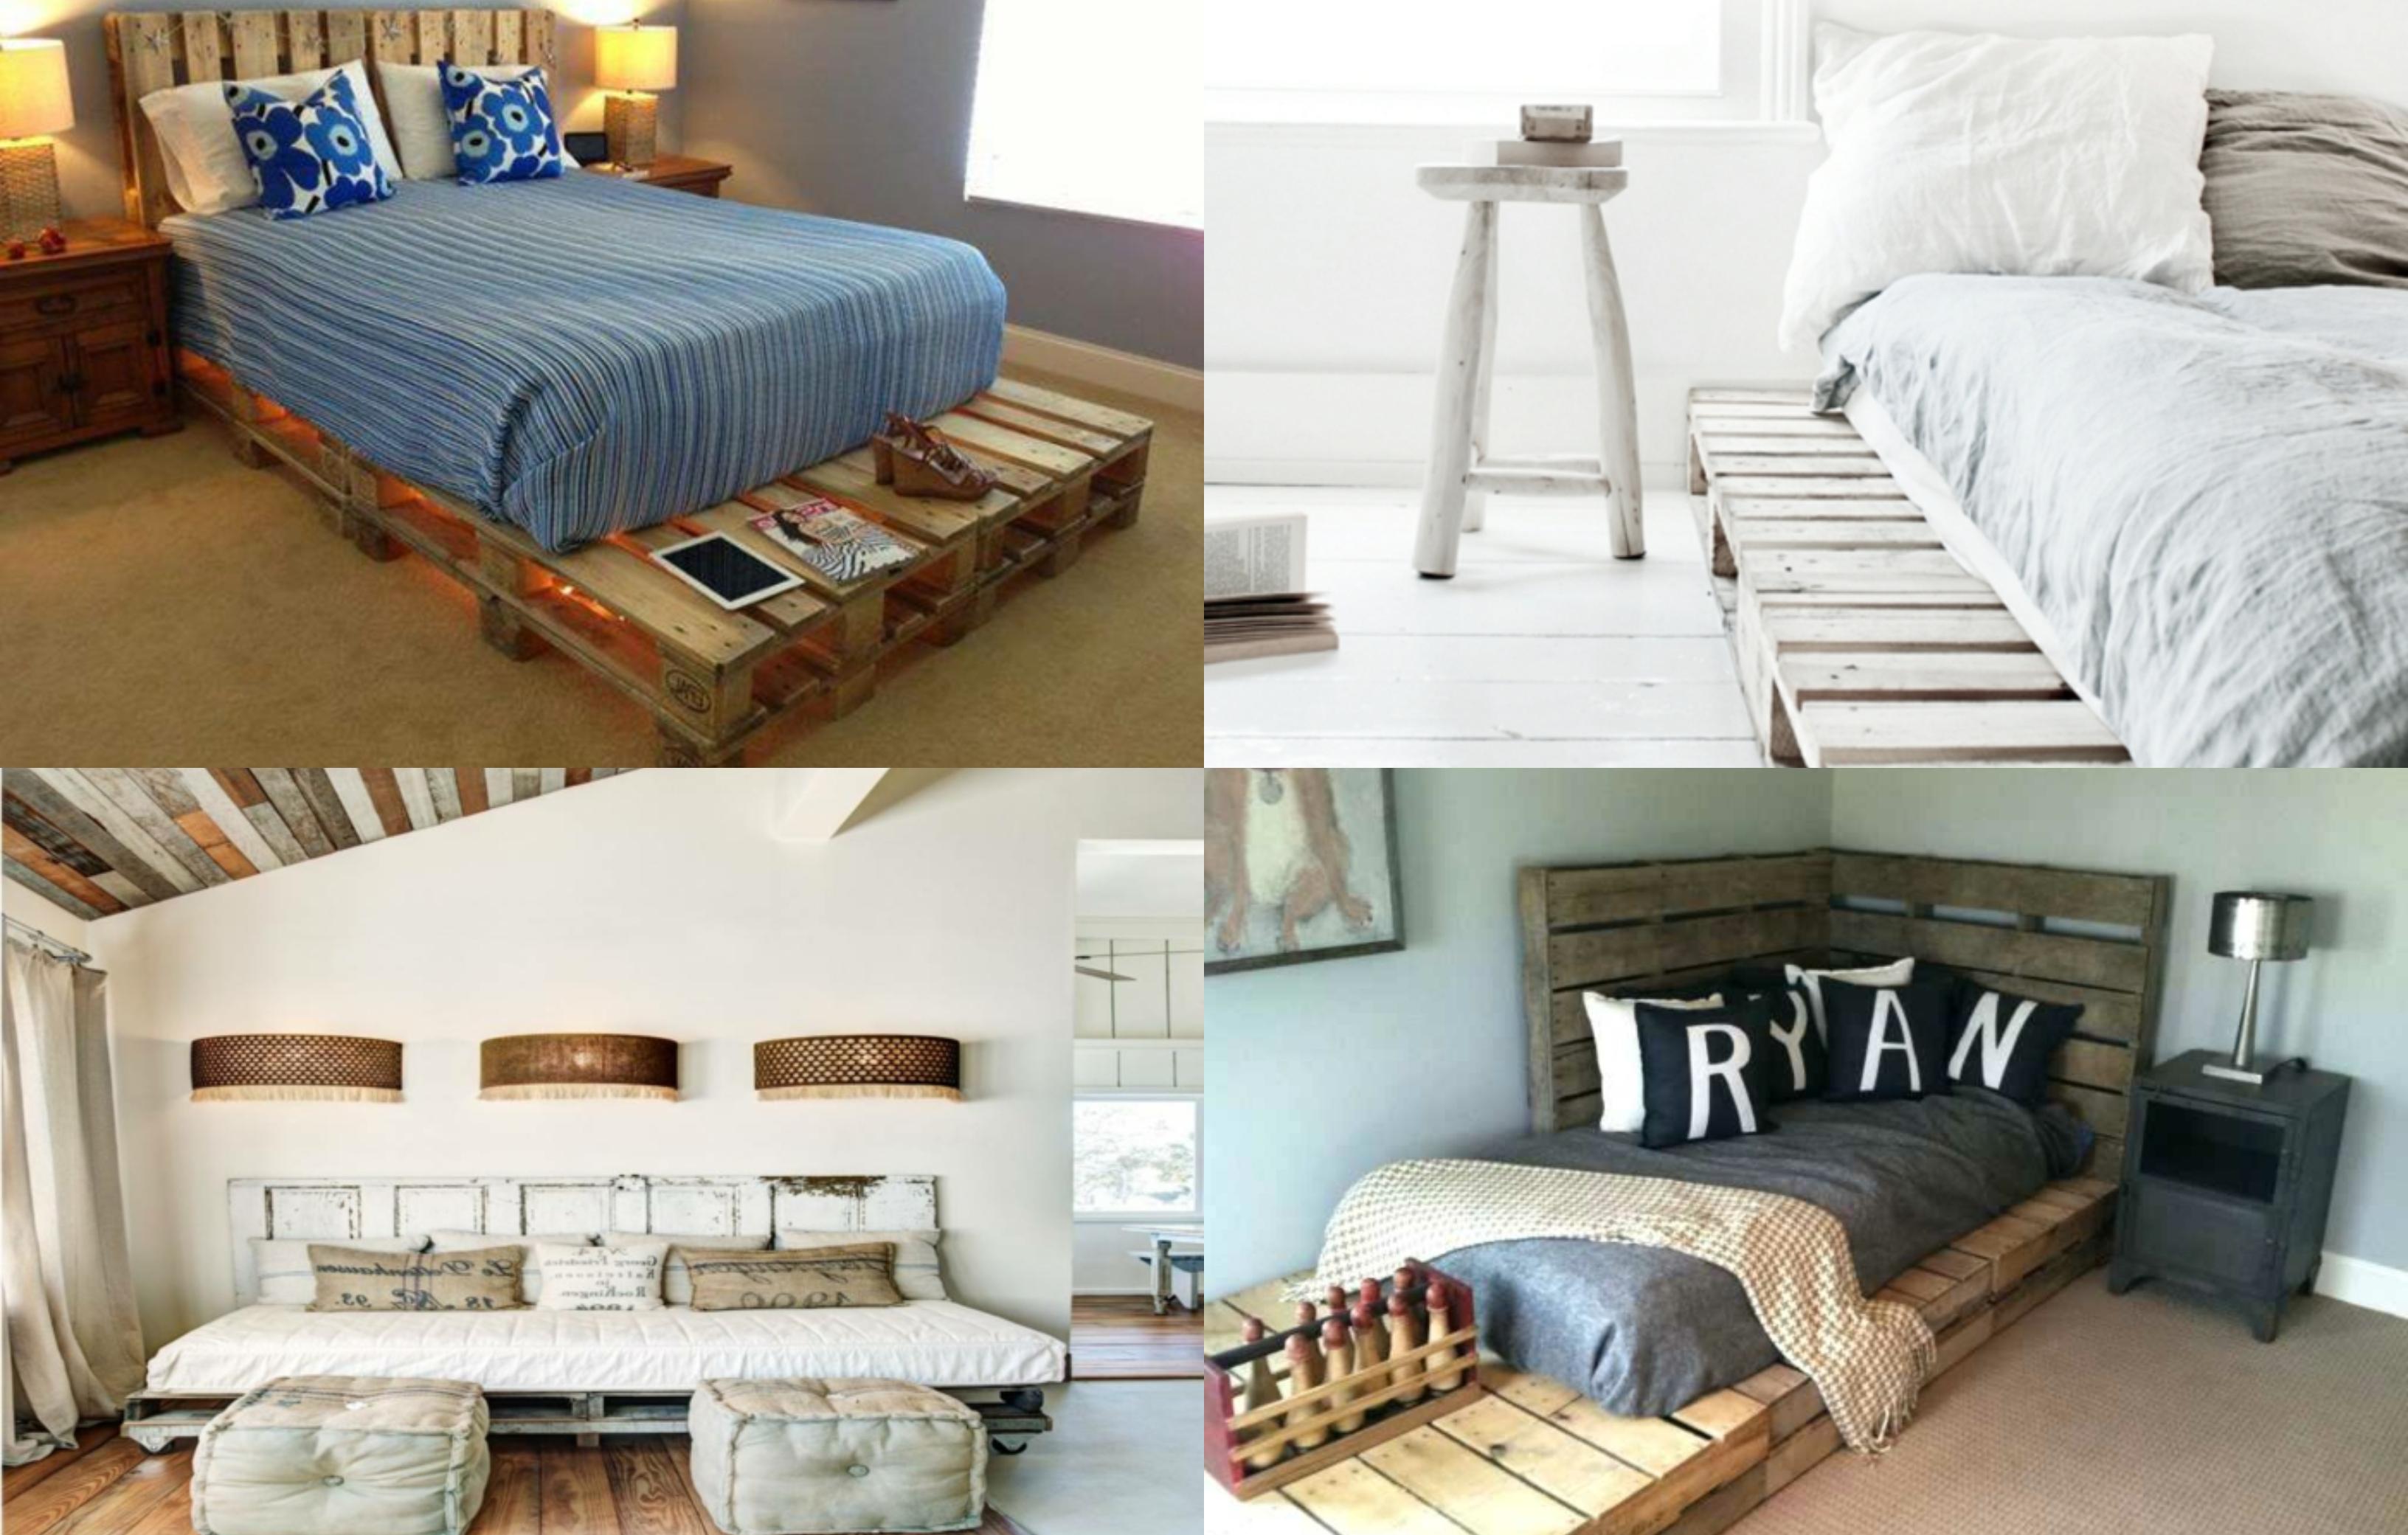 cuatro propuestas de decoracion con palets, dormitorios acogedores y modernos con camas con palets